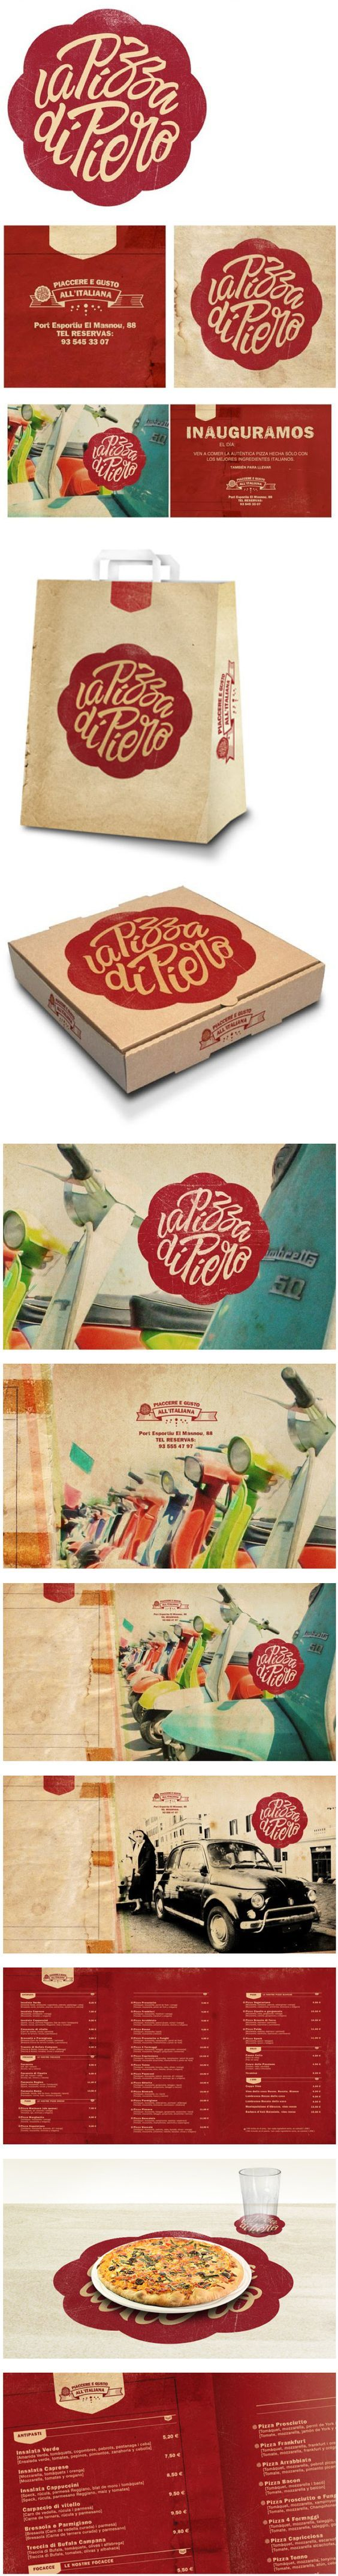 La Pizza de Piero branding by Alex Ramon: